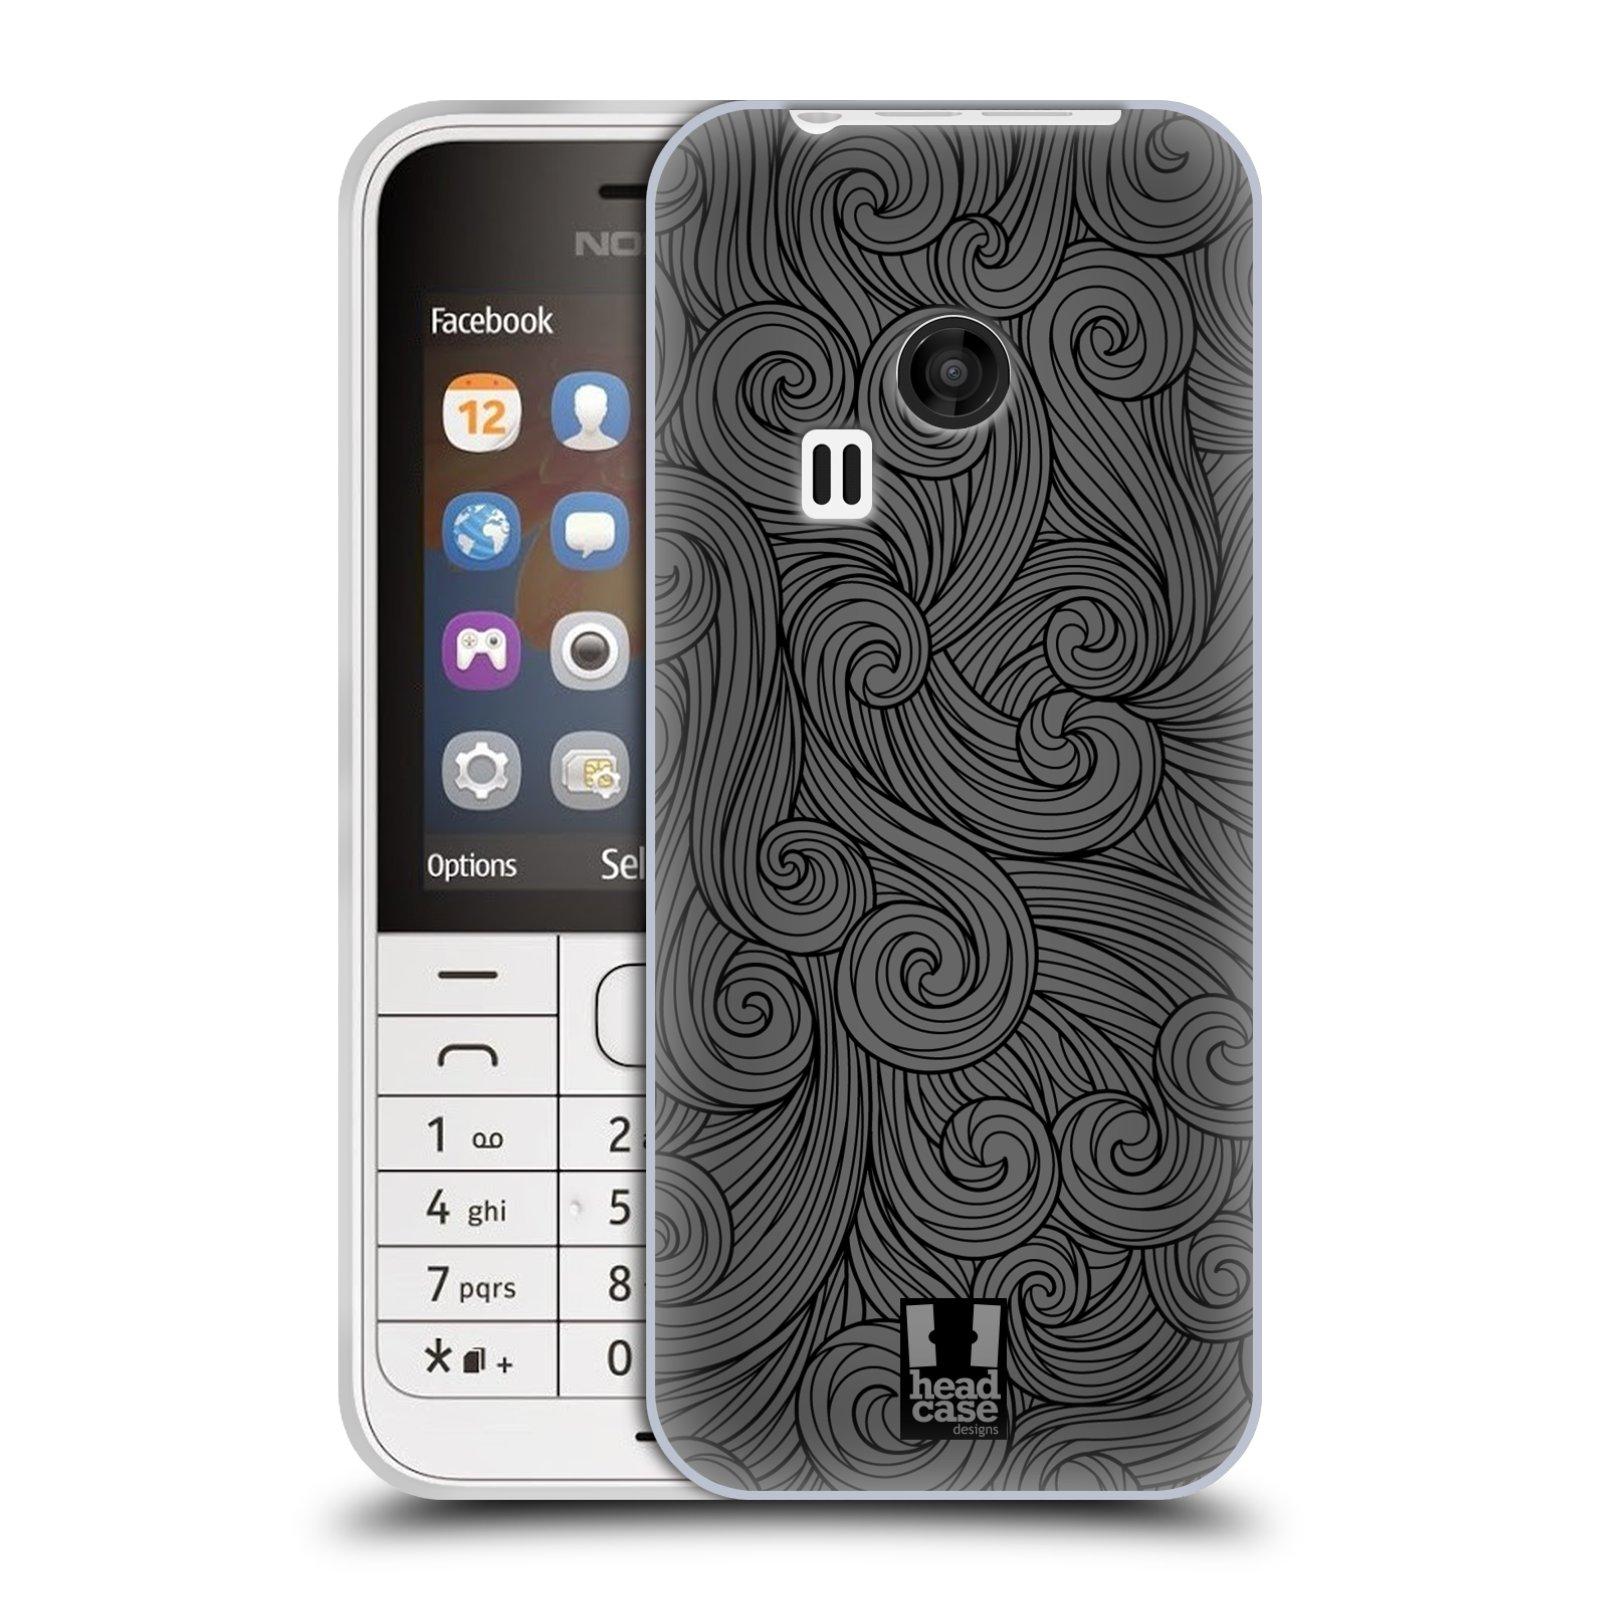 Silikonové pouzdro na mobil Nokia 220 HEAD CASE Dark Grey Swirls (Silikonový kryt či obal na mobilní telefon Nokia 220 a 220 Dual SIM)